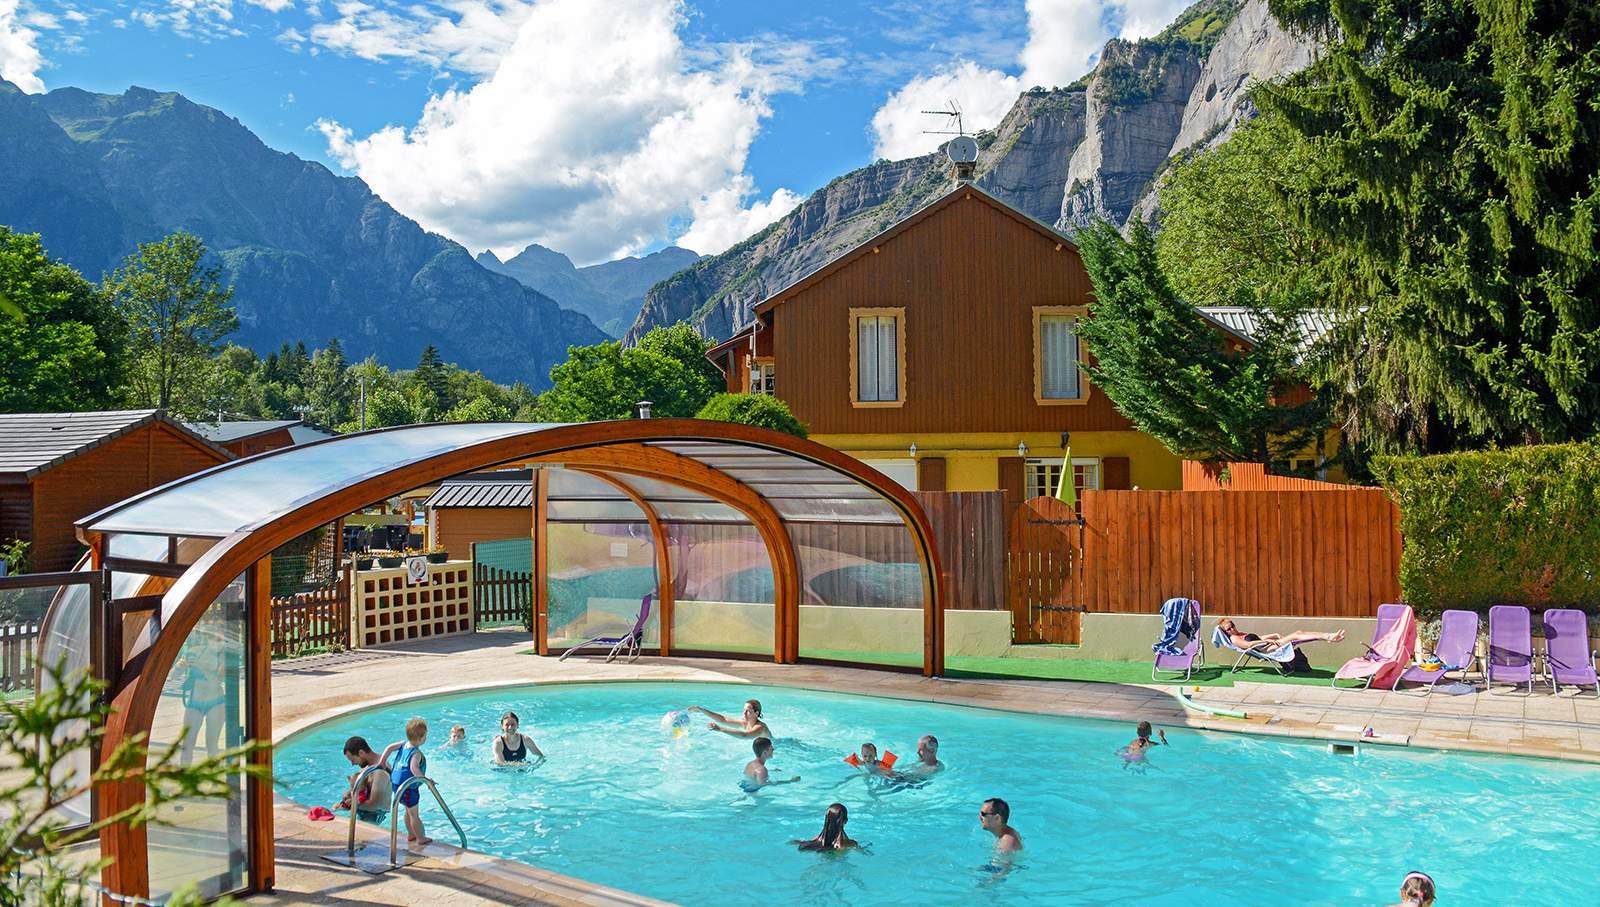 Camping alpes avec piscine couverte bourg d 39 oisans is re - Camping la piscine bourg d oisans ...